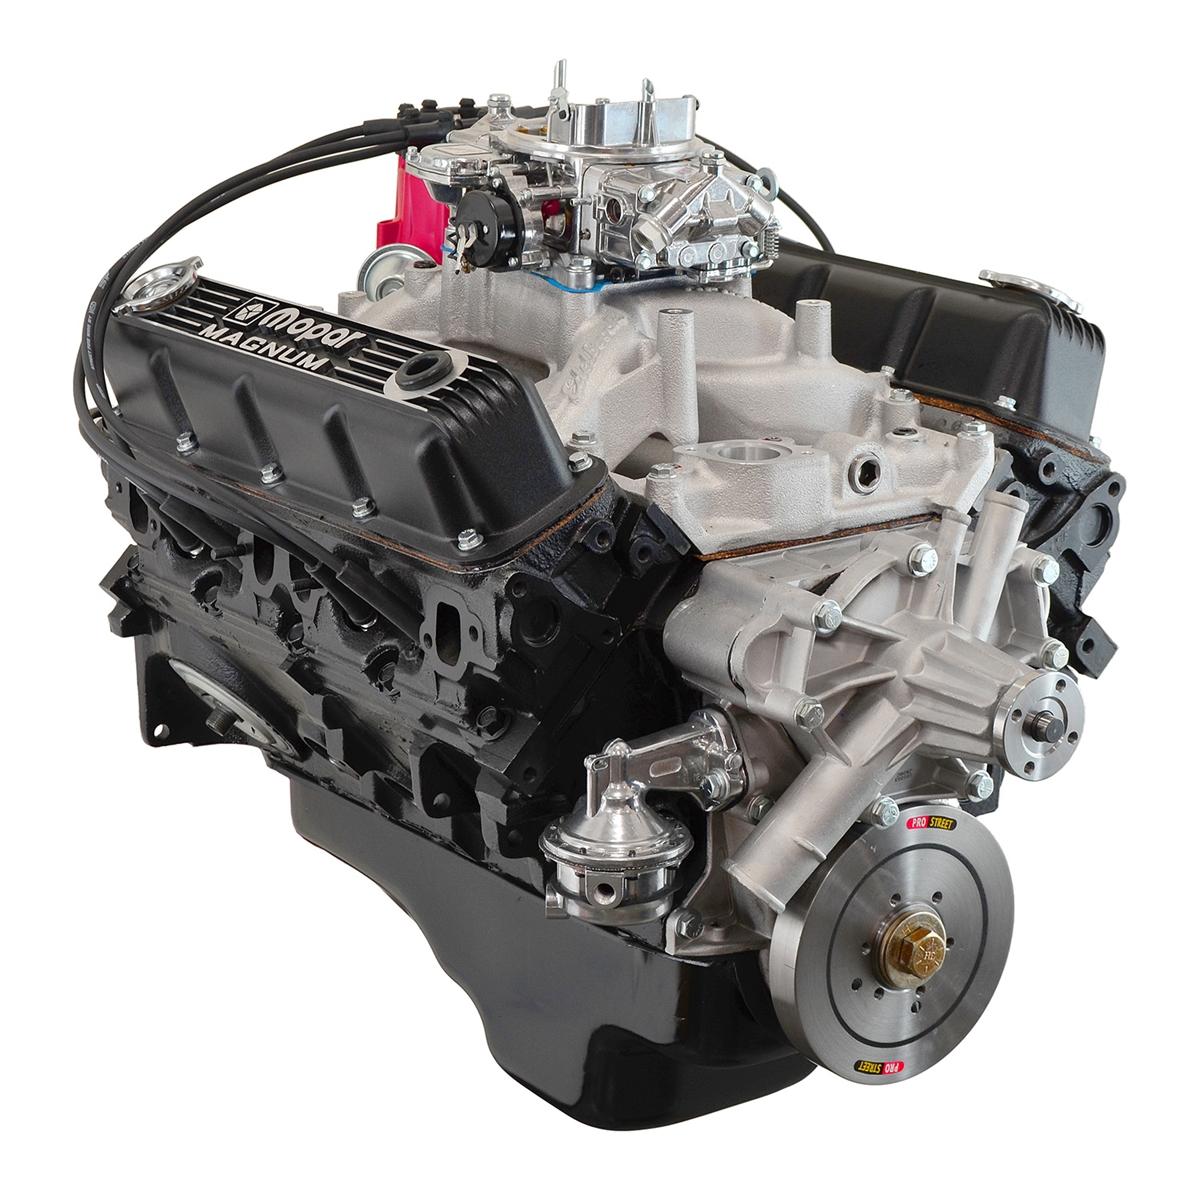 firing order of chrysler mopar v8 engines